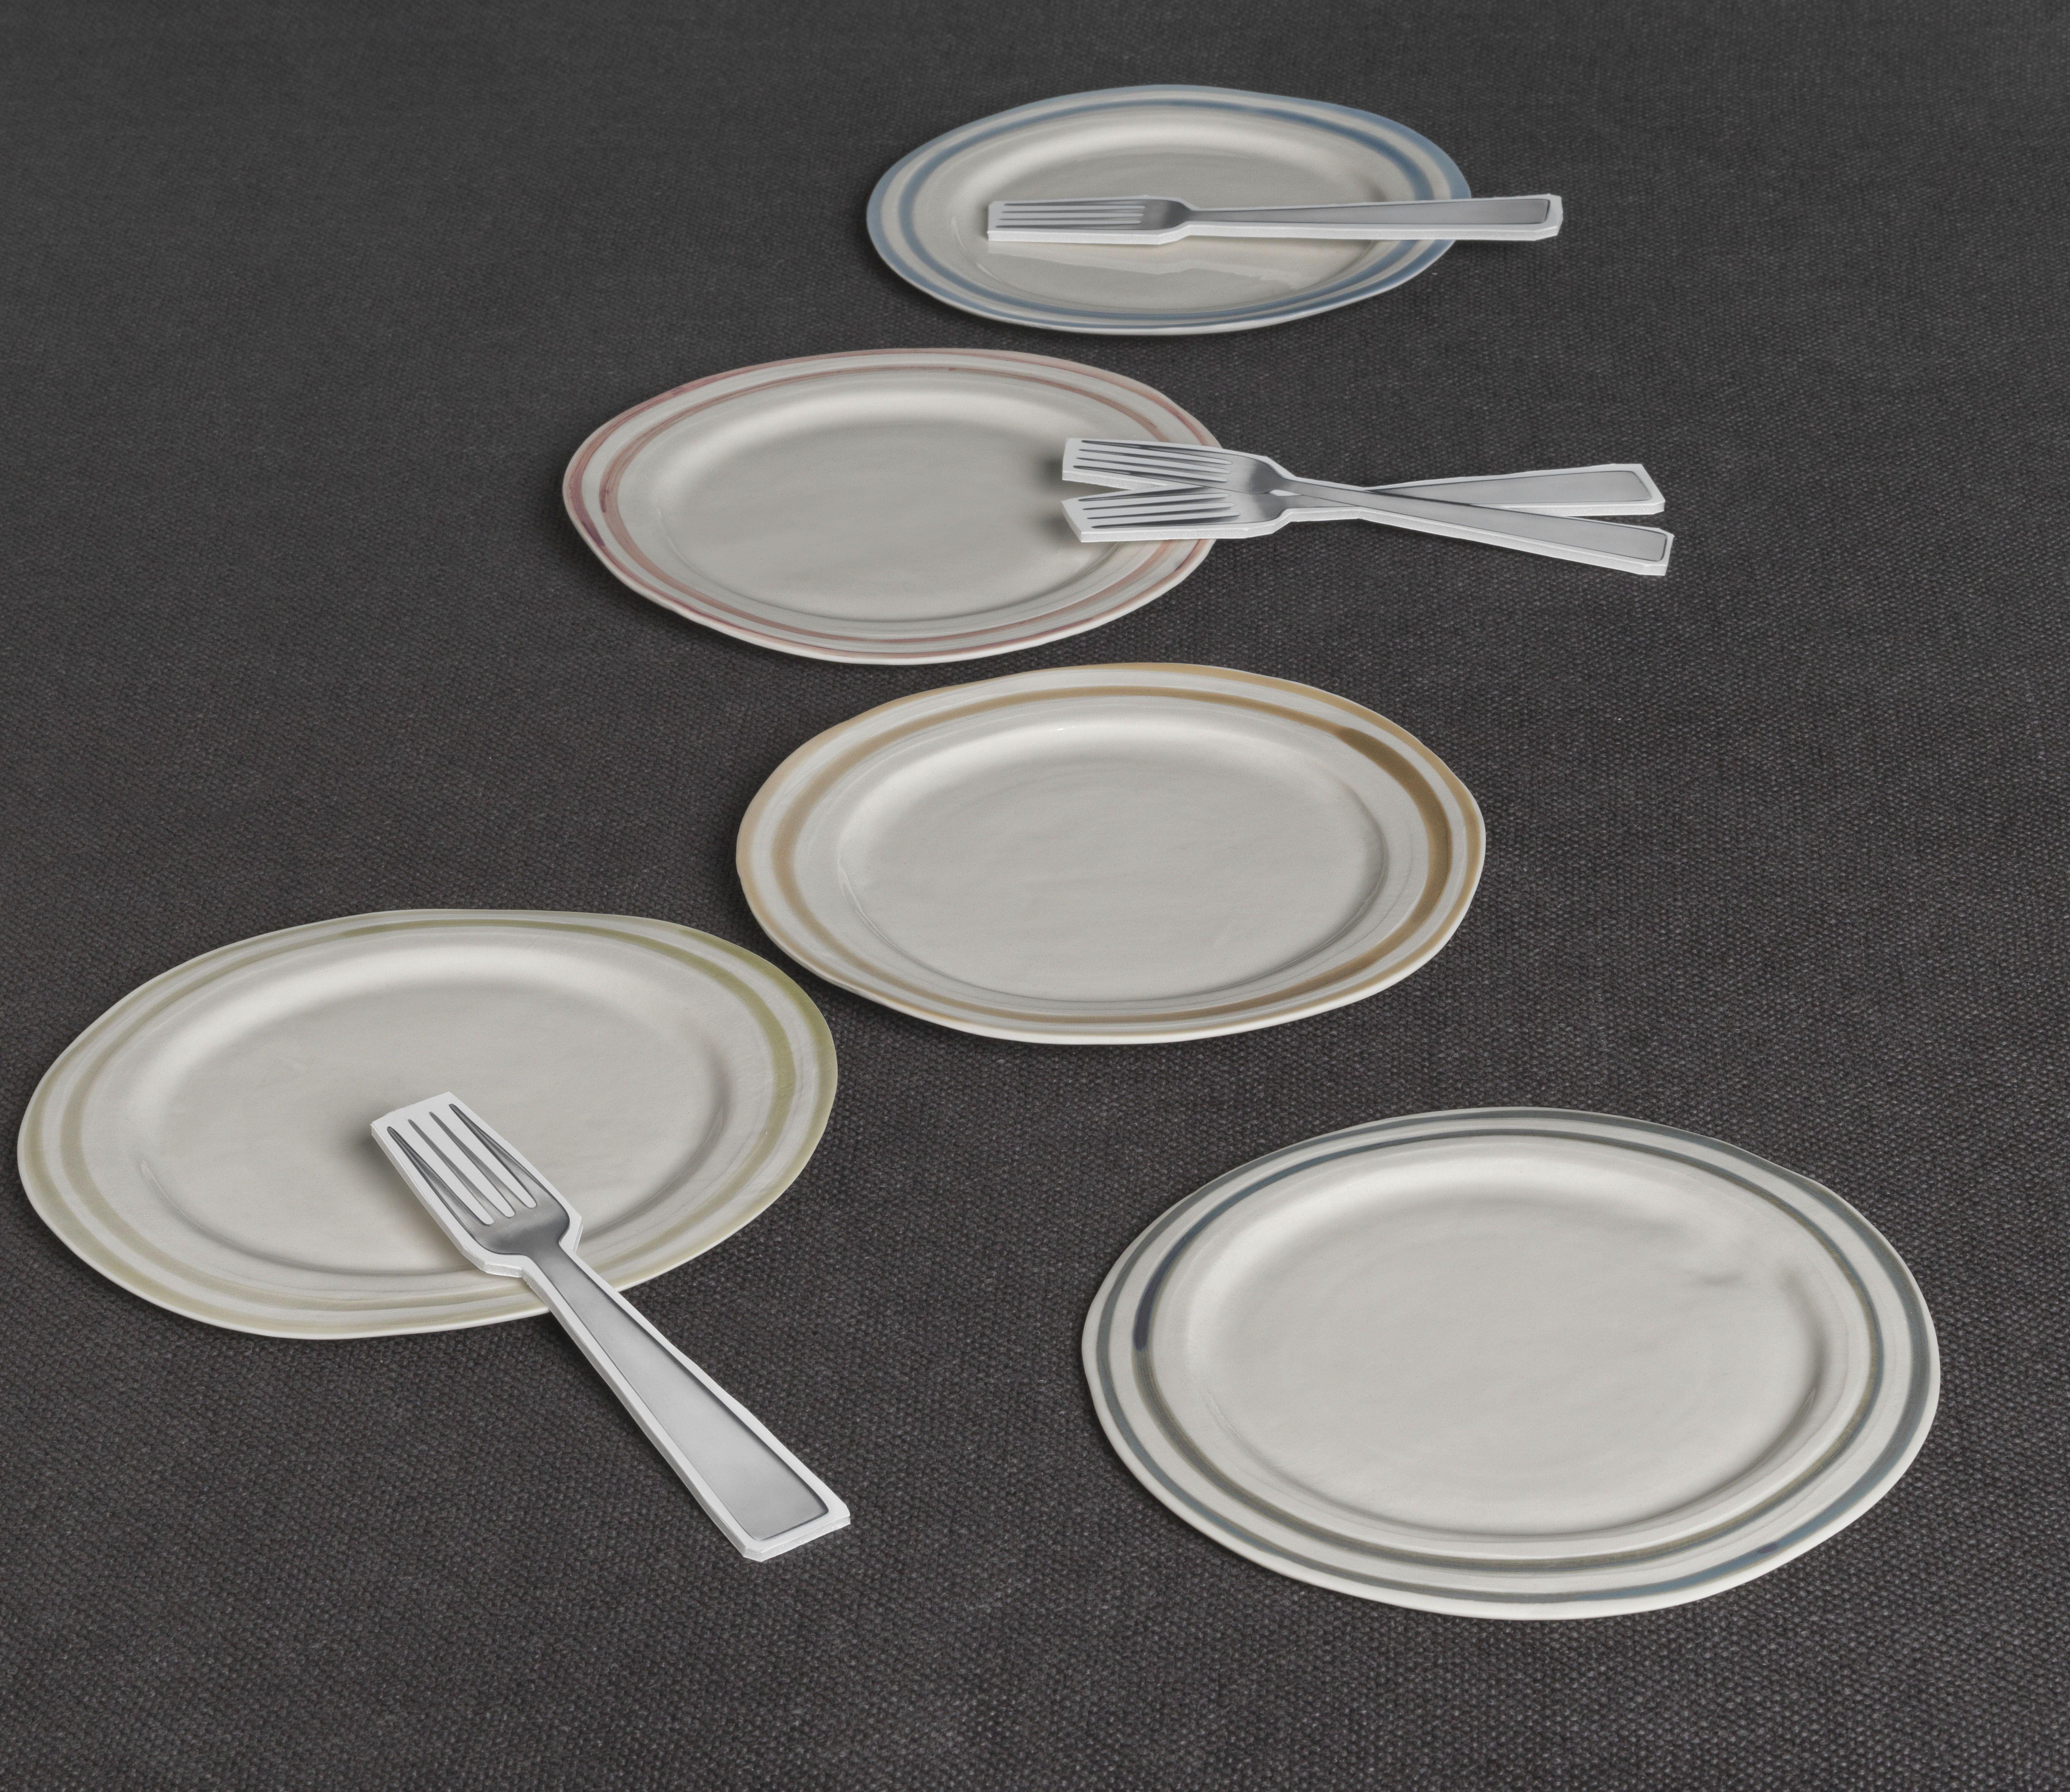 Fabric Effect Ceramics From Society Limonta Ceramics Ceramic Tableware Porcelain Ceramics